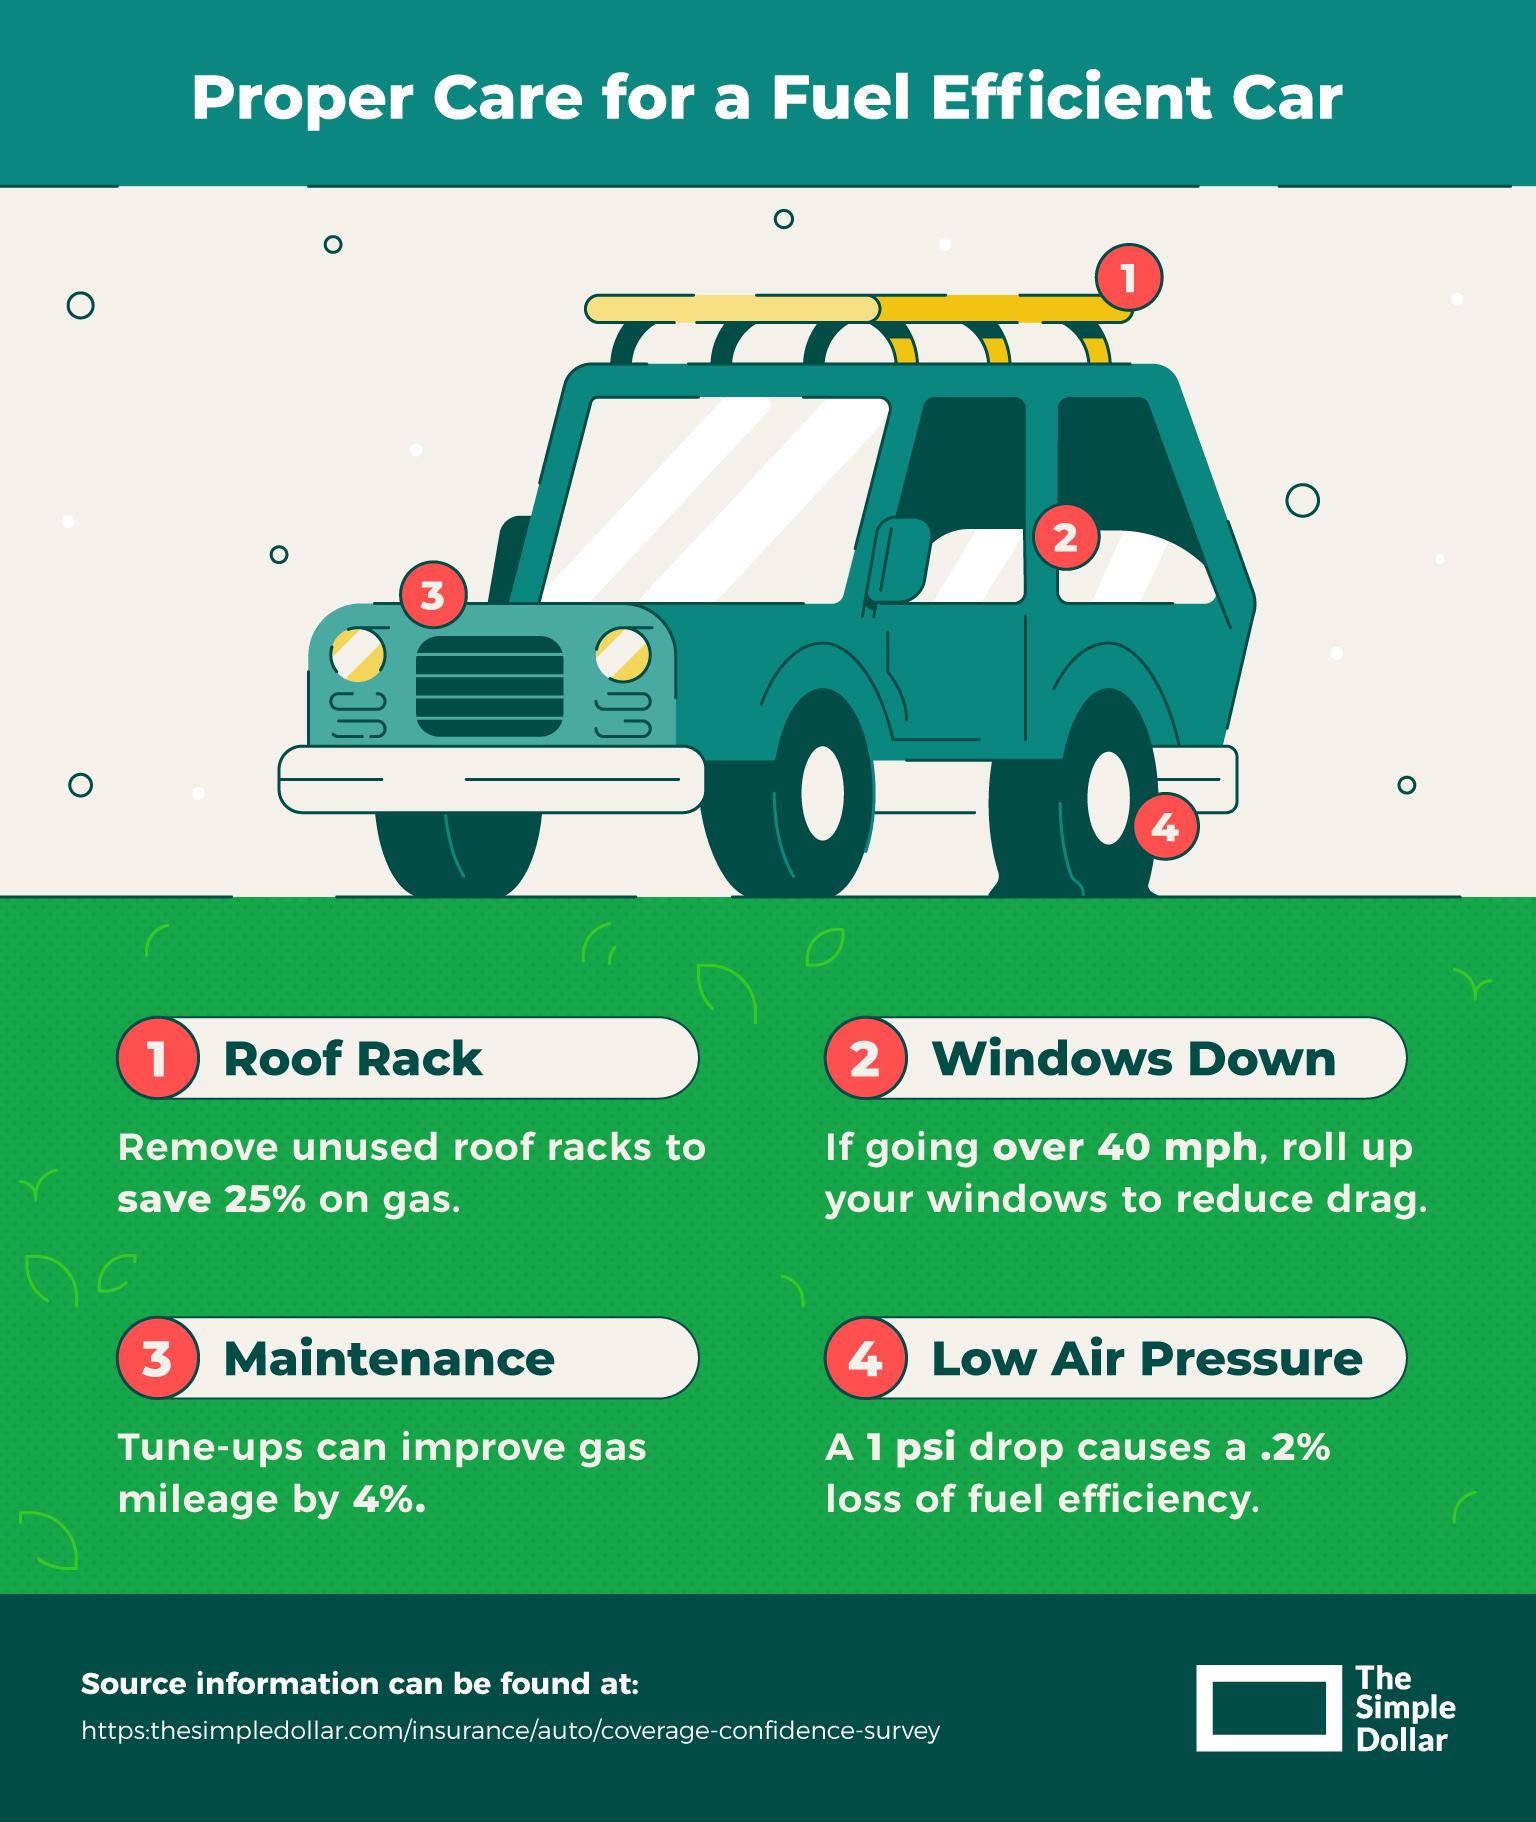 Proper care for a fuel efficient car